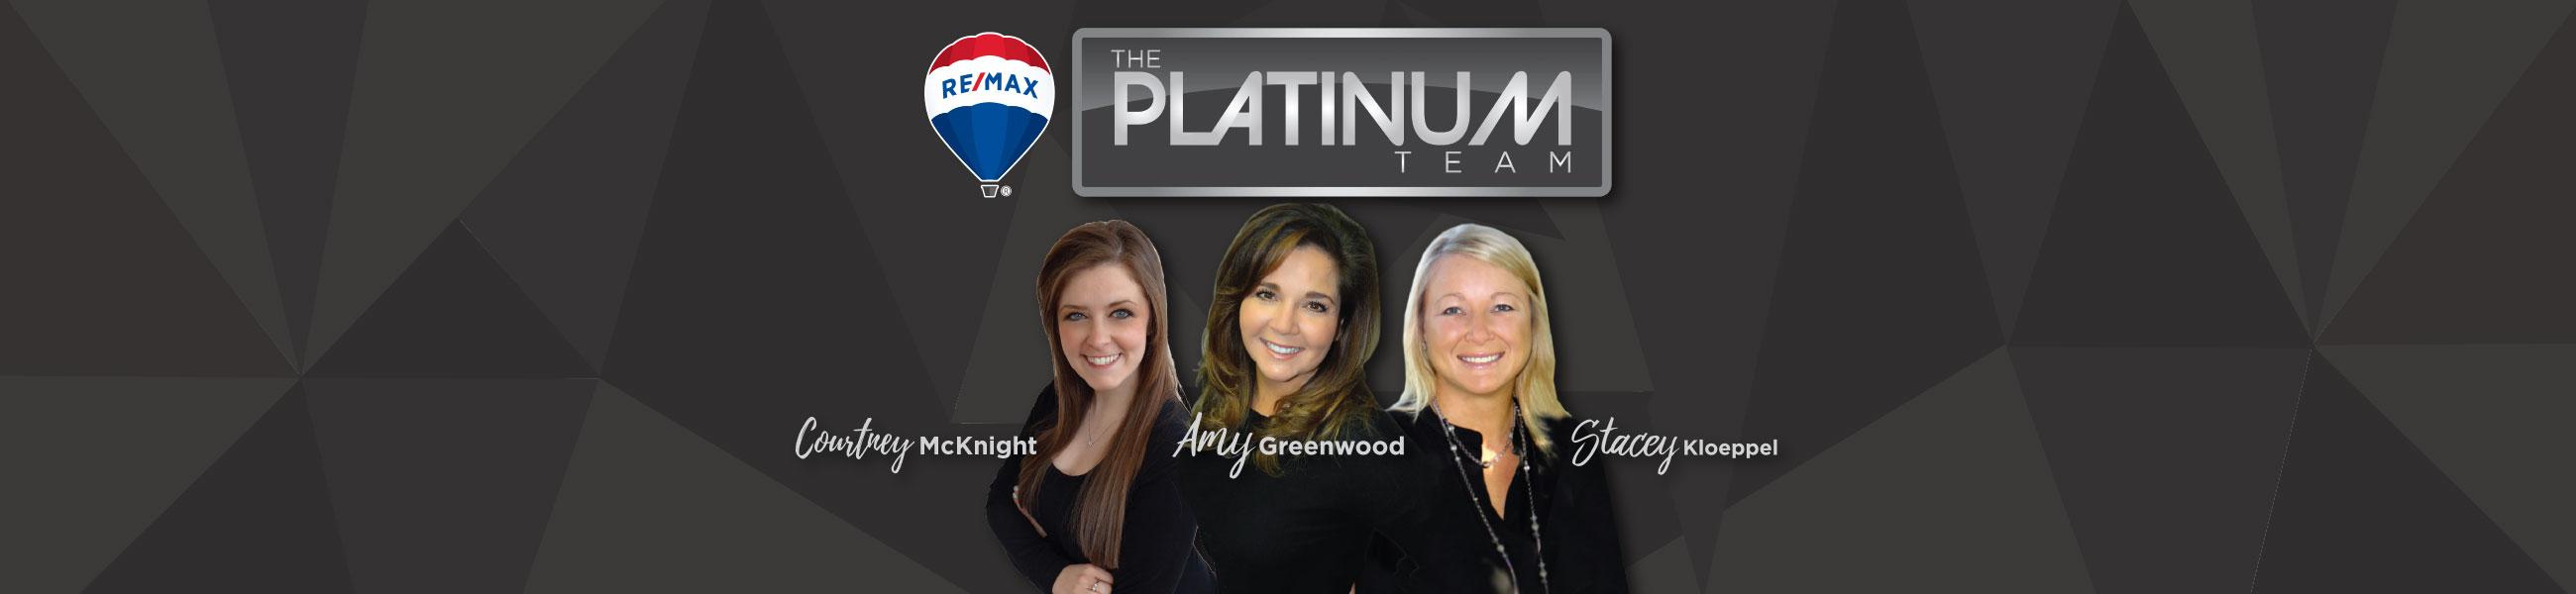 The Platinum Team